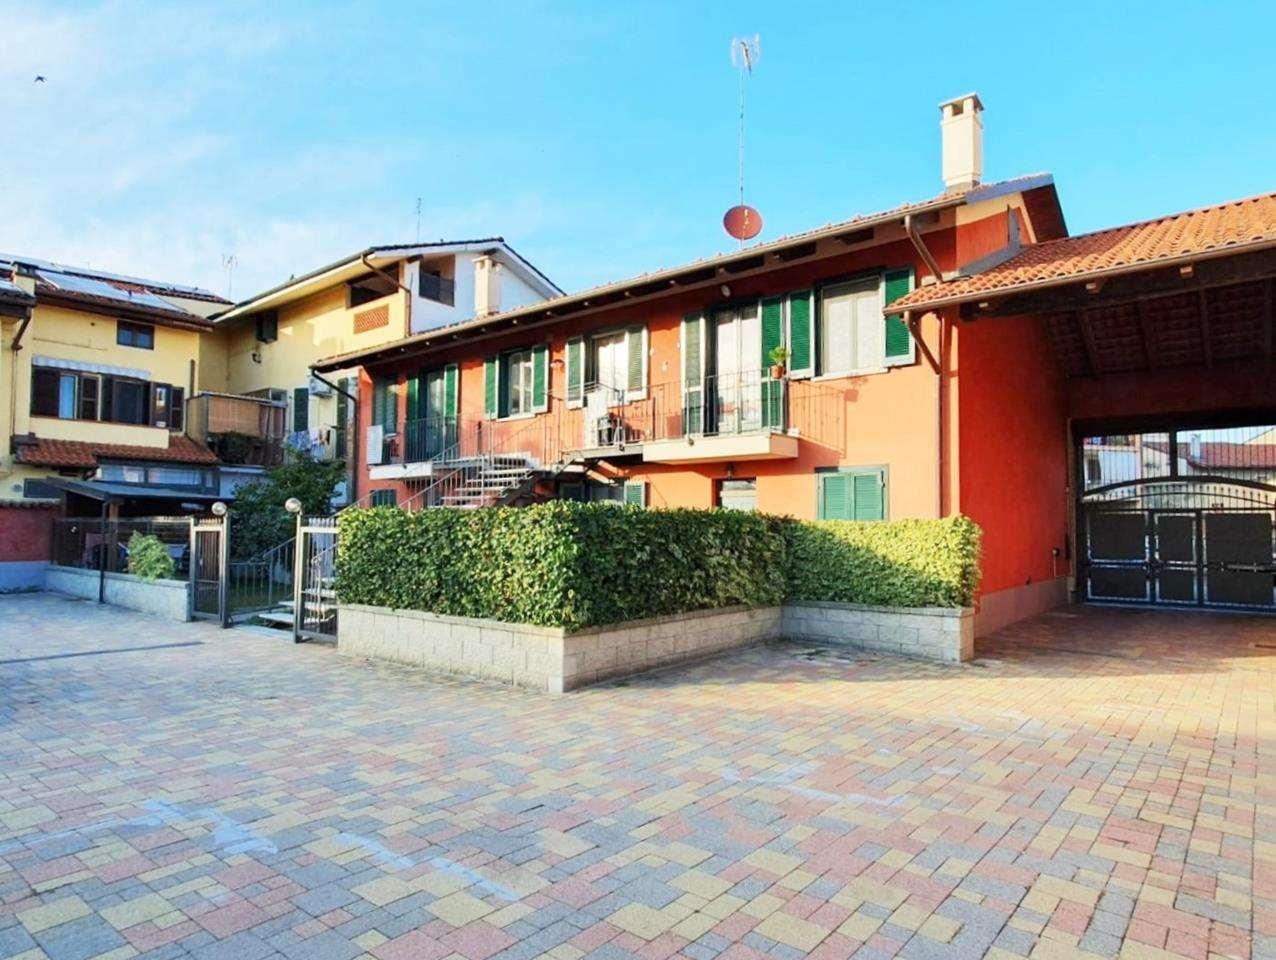 Appartamento in vendita a Riva Presso Chieri, 3 locali, prezzo € 112.000 | CambioCasa.it